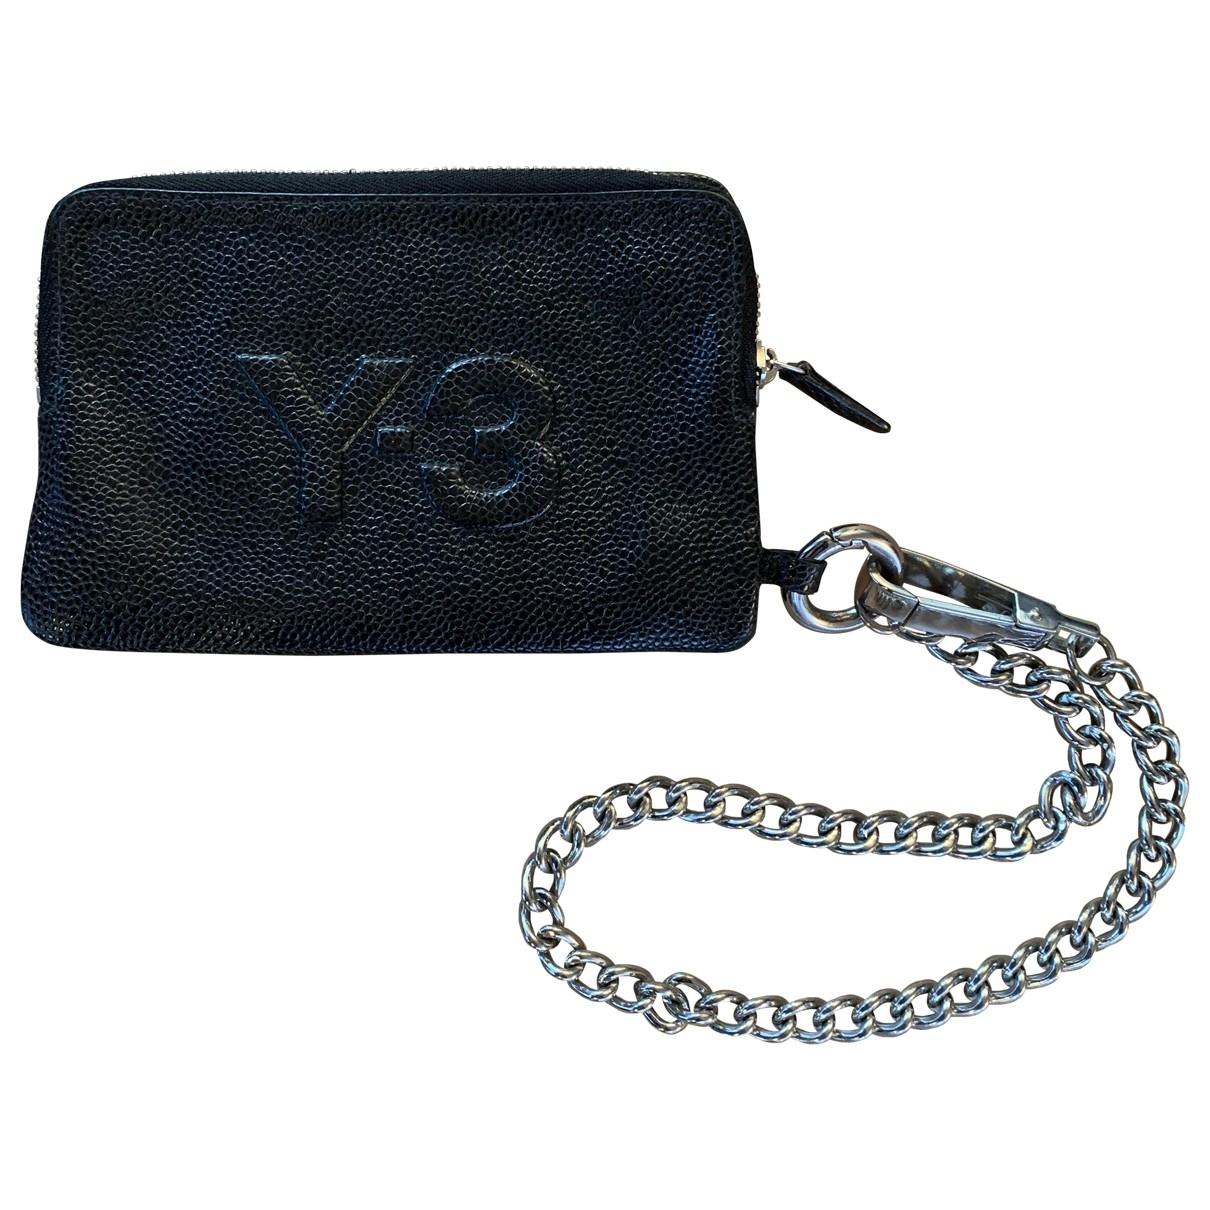 Y-3 \N Black Leather wallet for Women \N